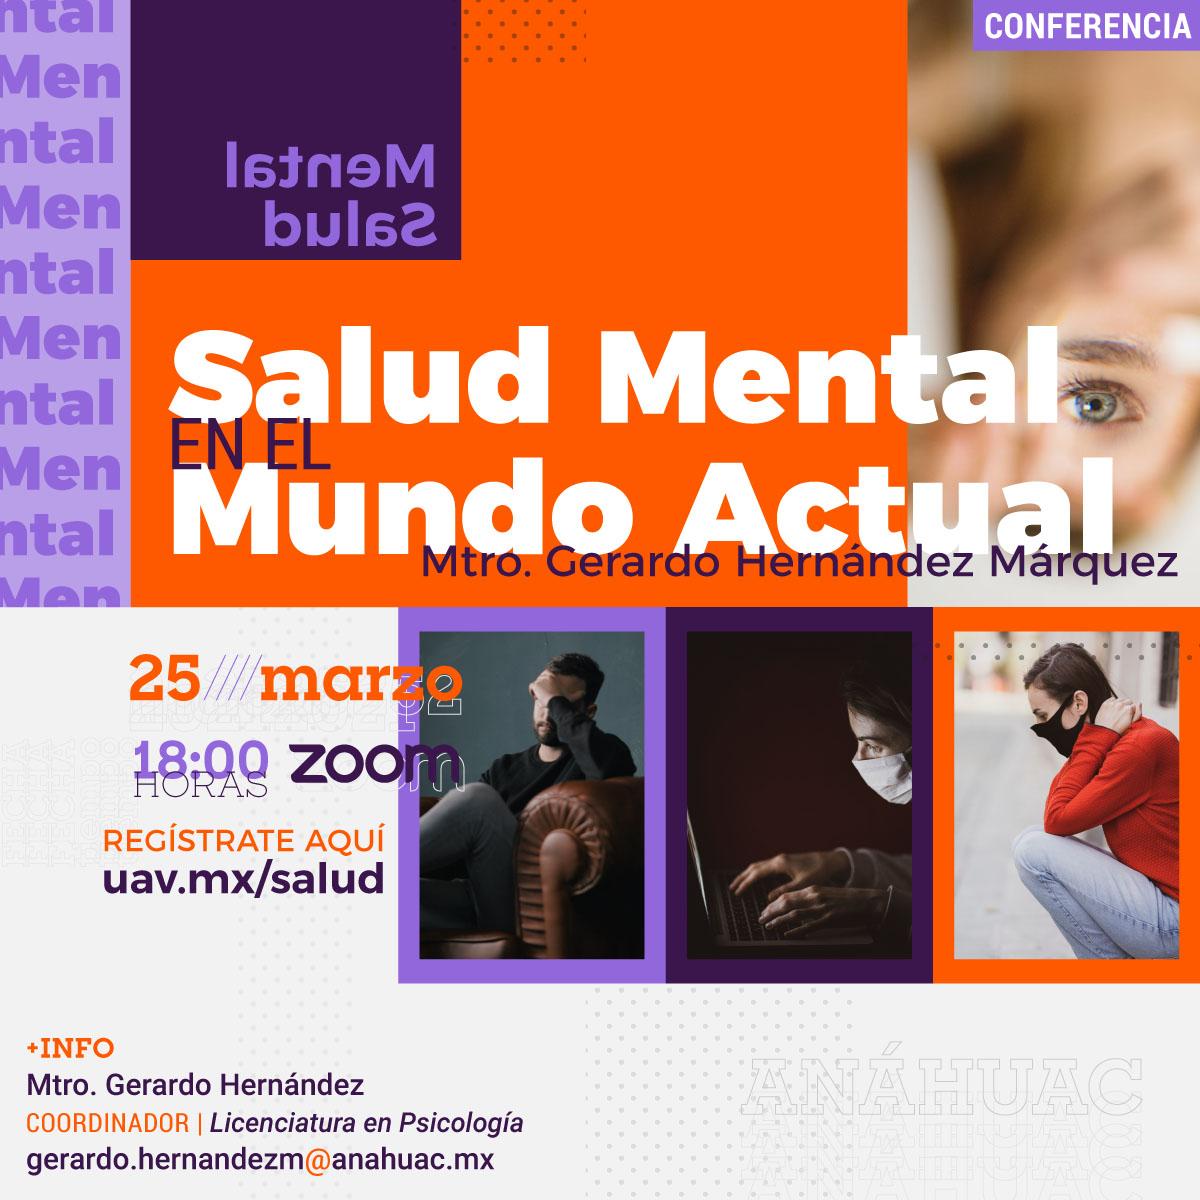 Salud Mental en el Mundo Actual